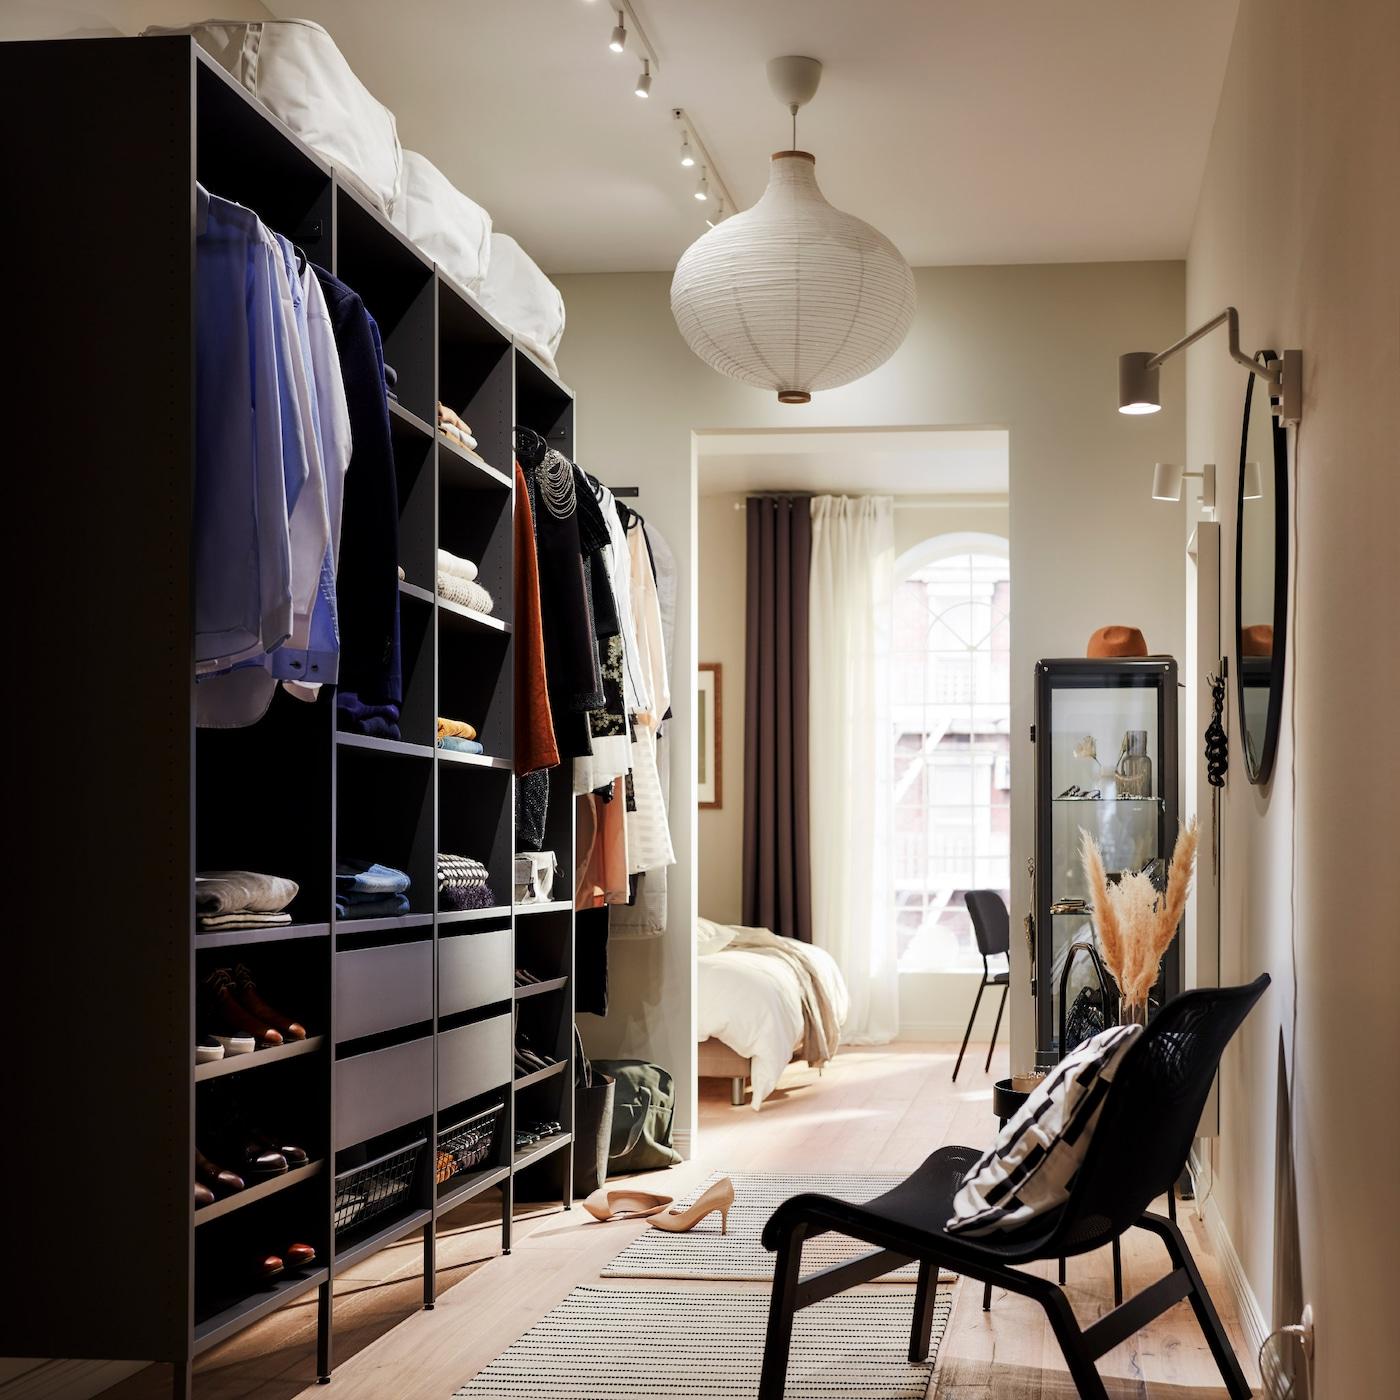 حل دولاب ملابس كبير مفتوح رمادي داكن مع ملابس مطوية على رفوف، وملابس معلقة على سكك تعليق ملابس وأربعة أدراج.